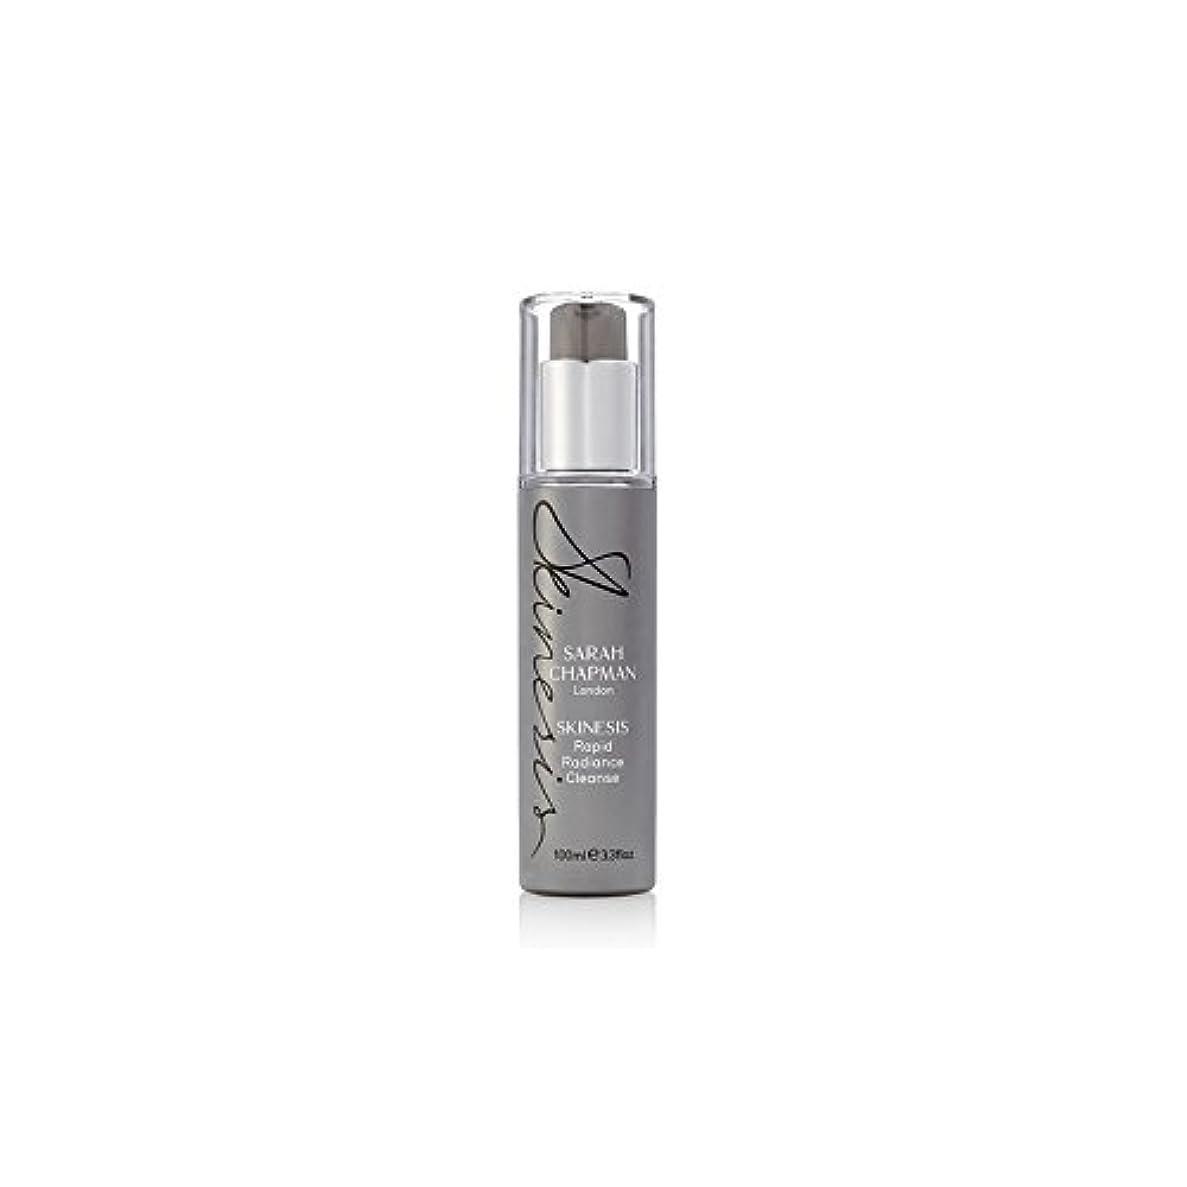 ネーピア飽和するメガロポリスSarah Chapman Skinesis Rapid Radiance Cleanse (100ml) - サラ?チャップマン迅速な輝きの浄化(100ミリリットル) [並行輸入品]